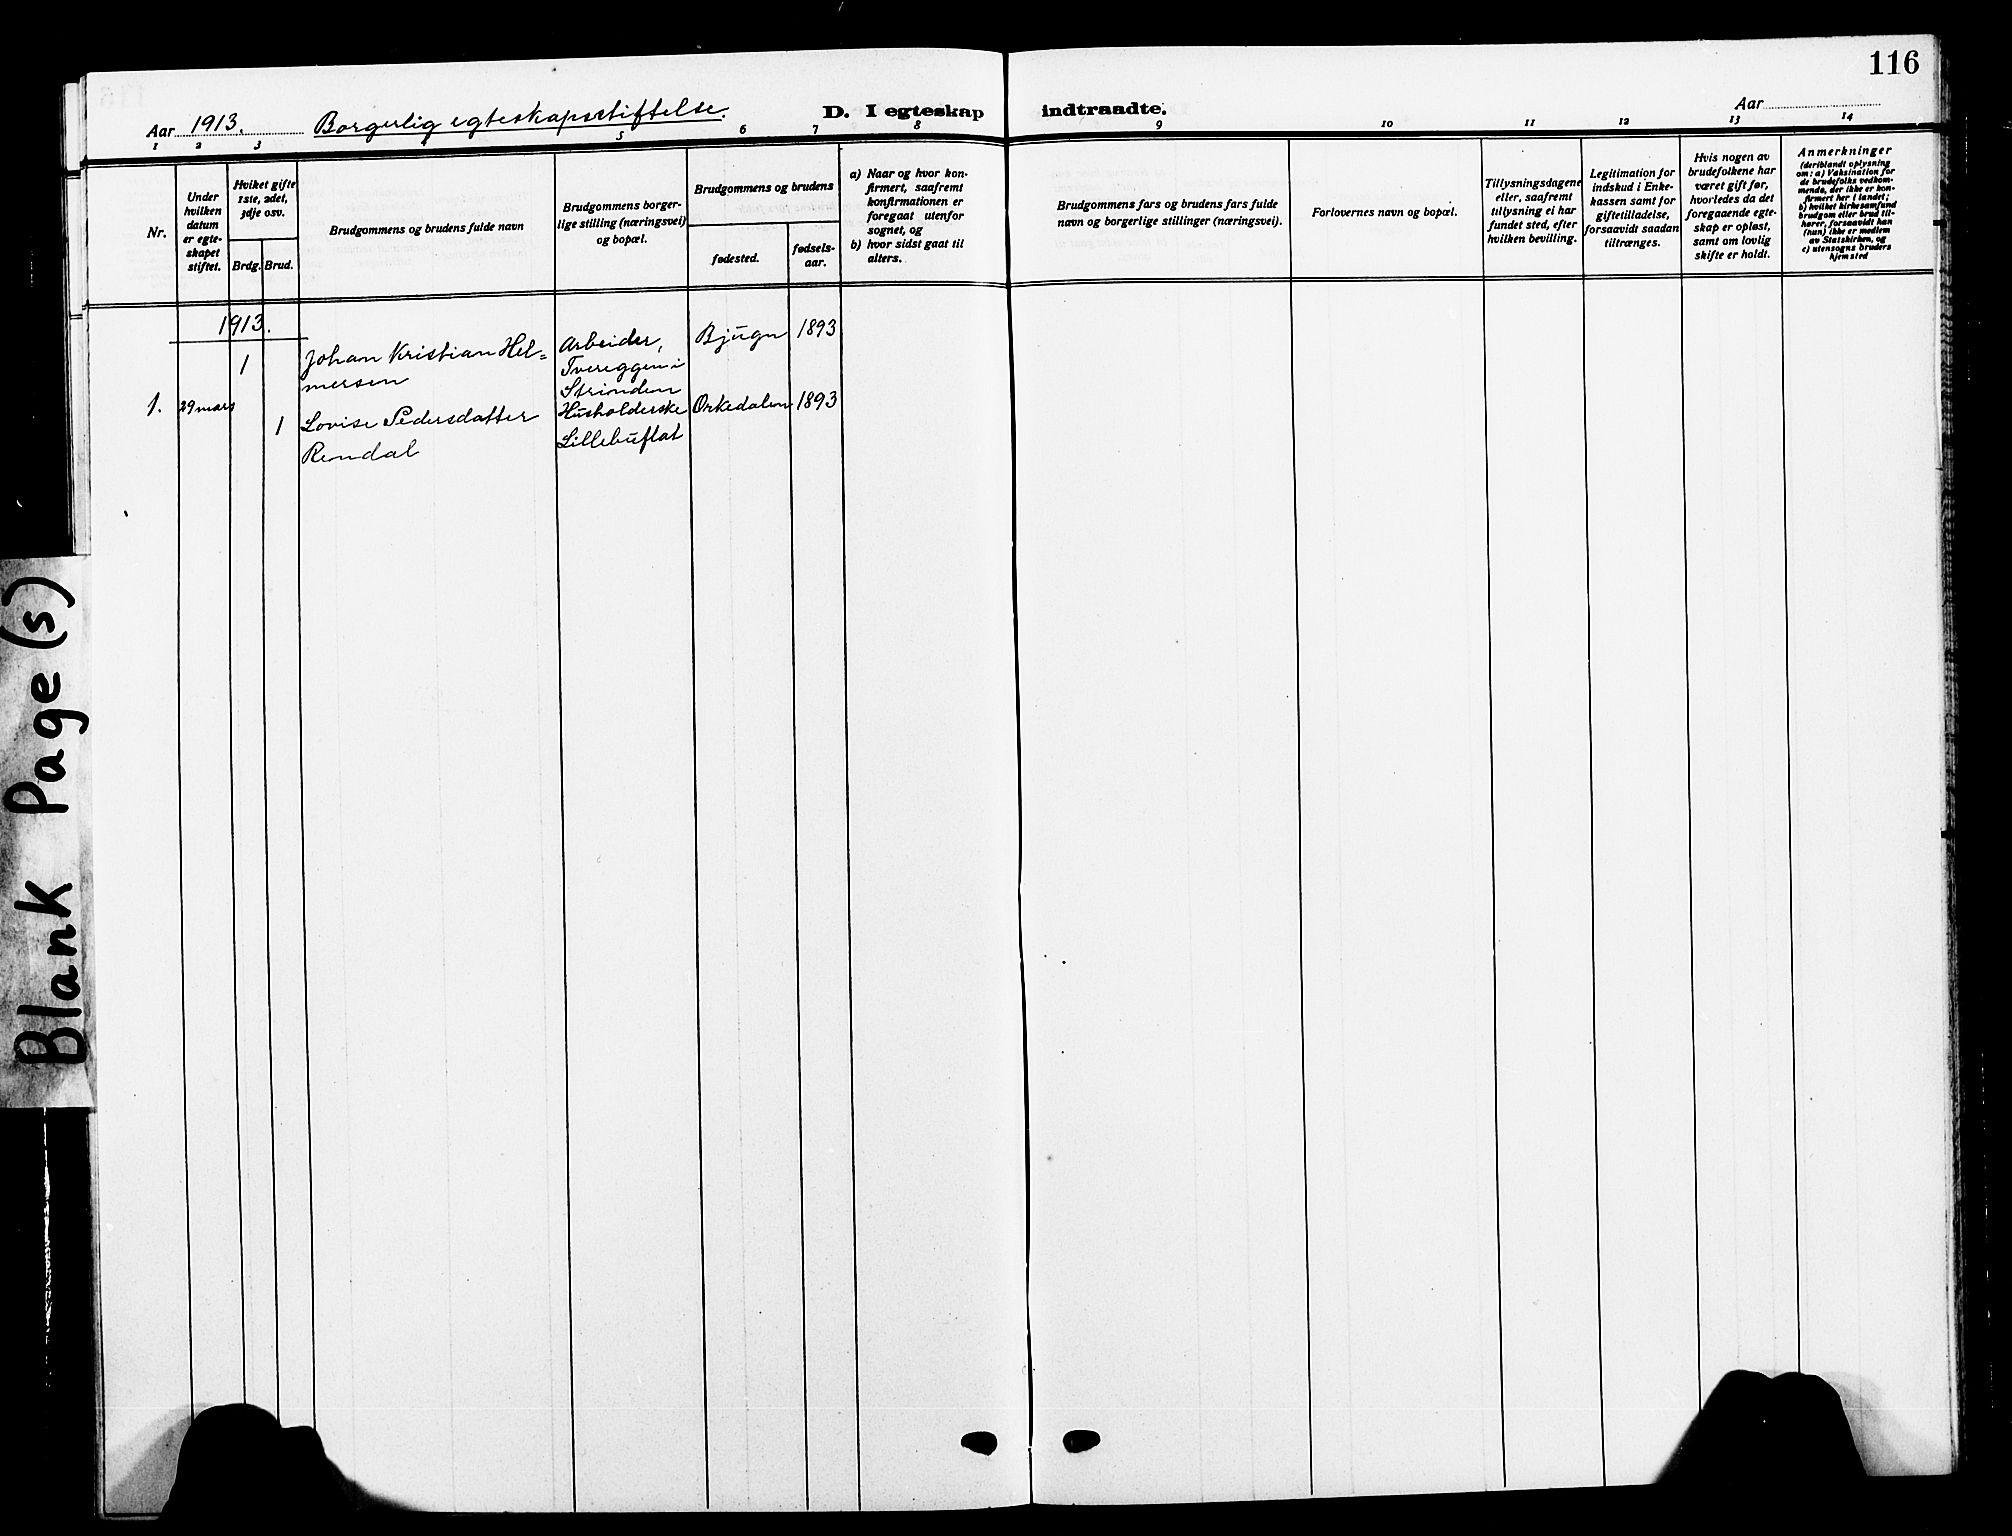 SAT, Ministerialprotokoller, klokkerbøker og fødselsregistre - Sør-Trøndelag, 618/L0453: Klokkerbok nr. 618C04, 1907-1925, s. 116